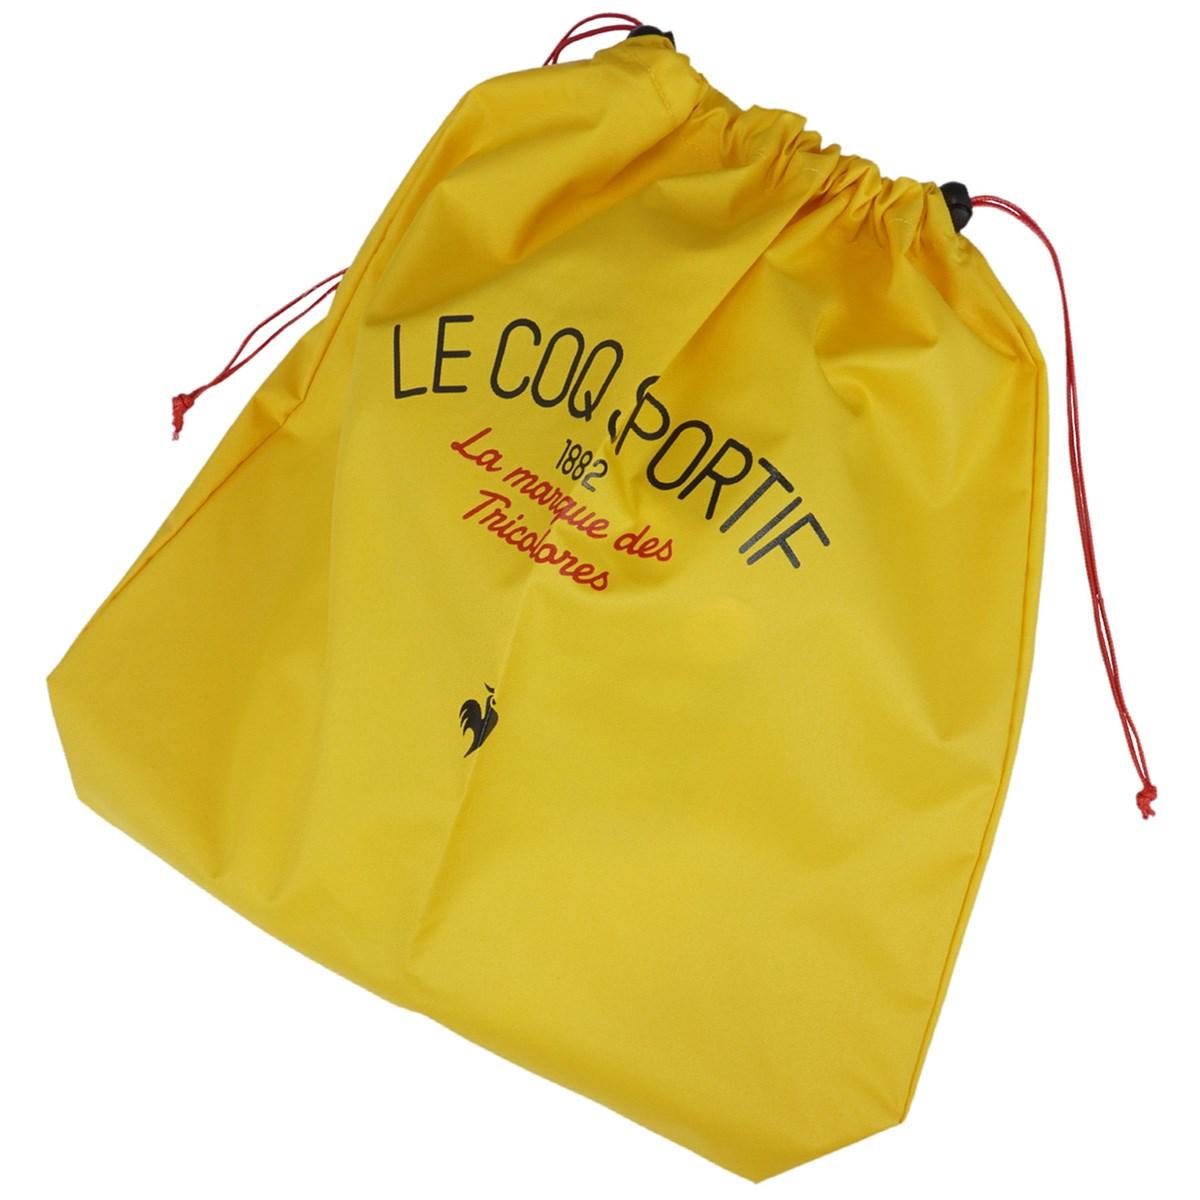 [2021年モデル] ルコックゴルフ Le coq sportif GOLF シューズケース イエロー 00 レディース